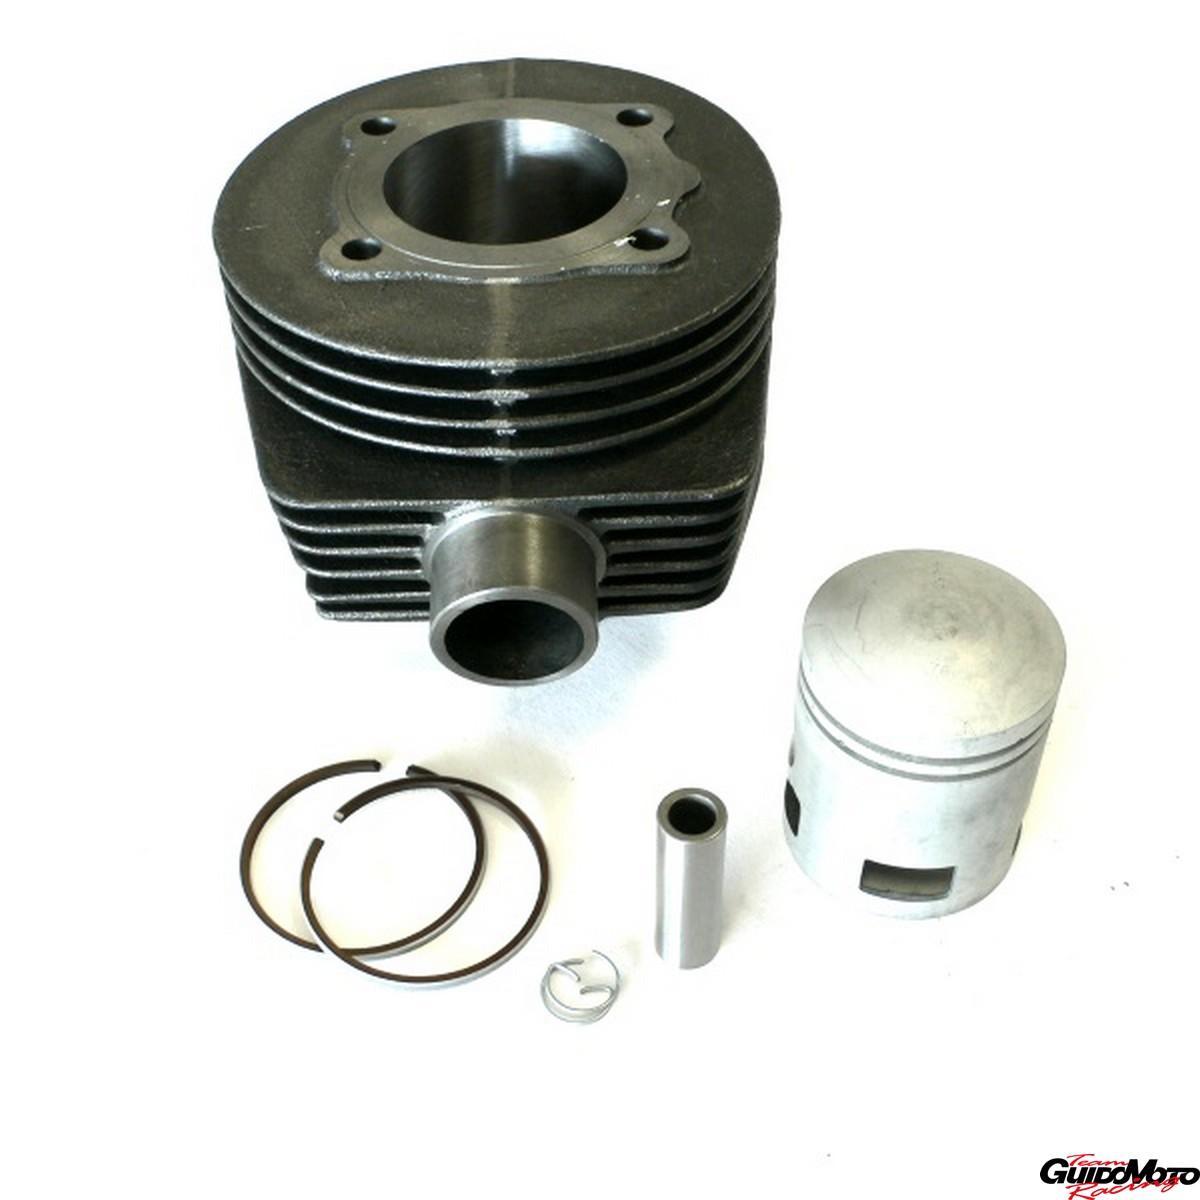 Kit cilindro per Vespa PX PE 150 e Arcobaleno